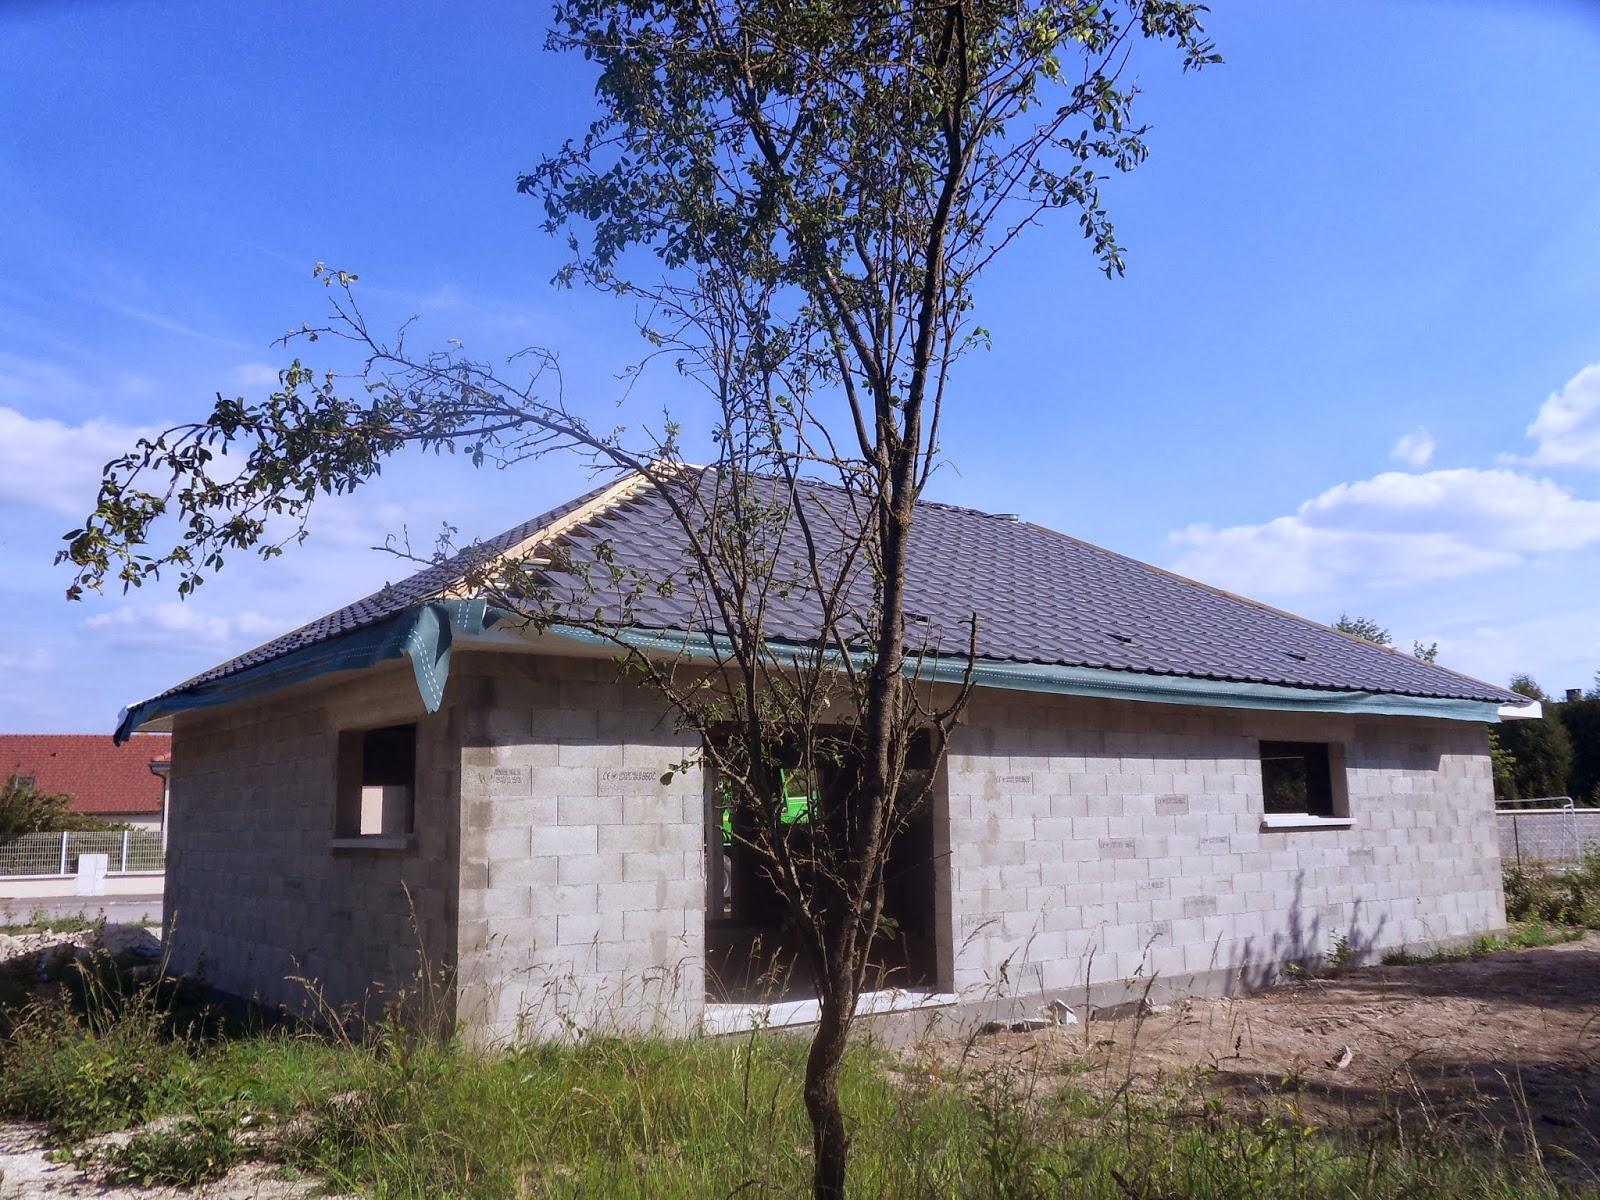 Avis babeau seguin blog de la construction maison dans for De la maison avis